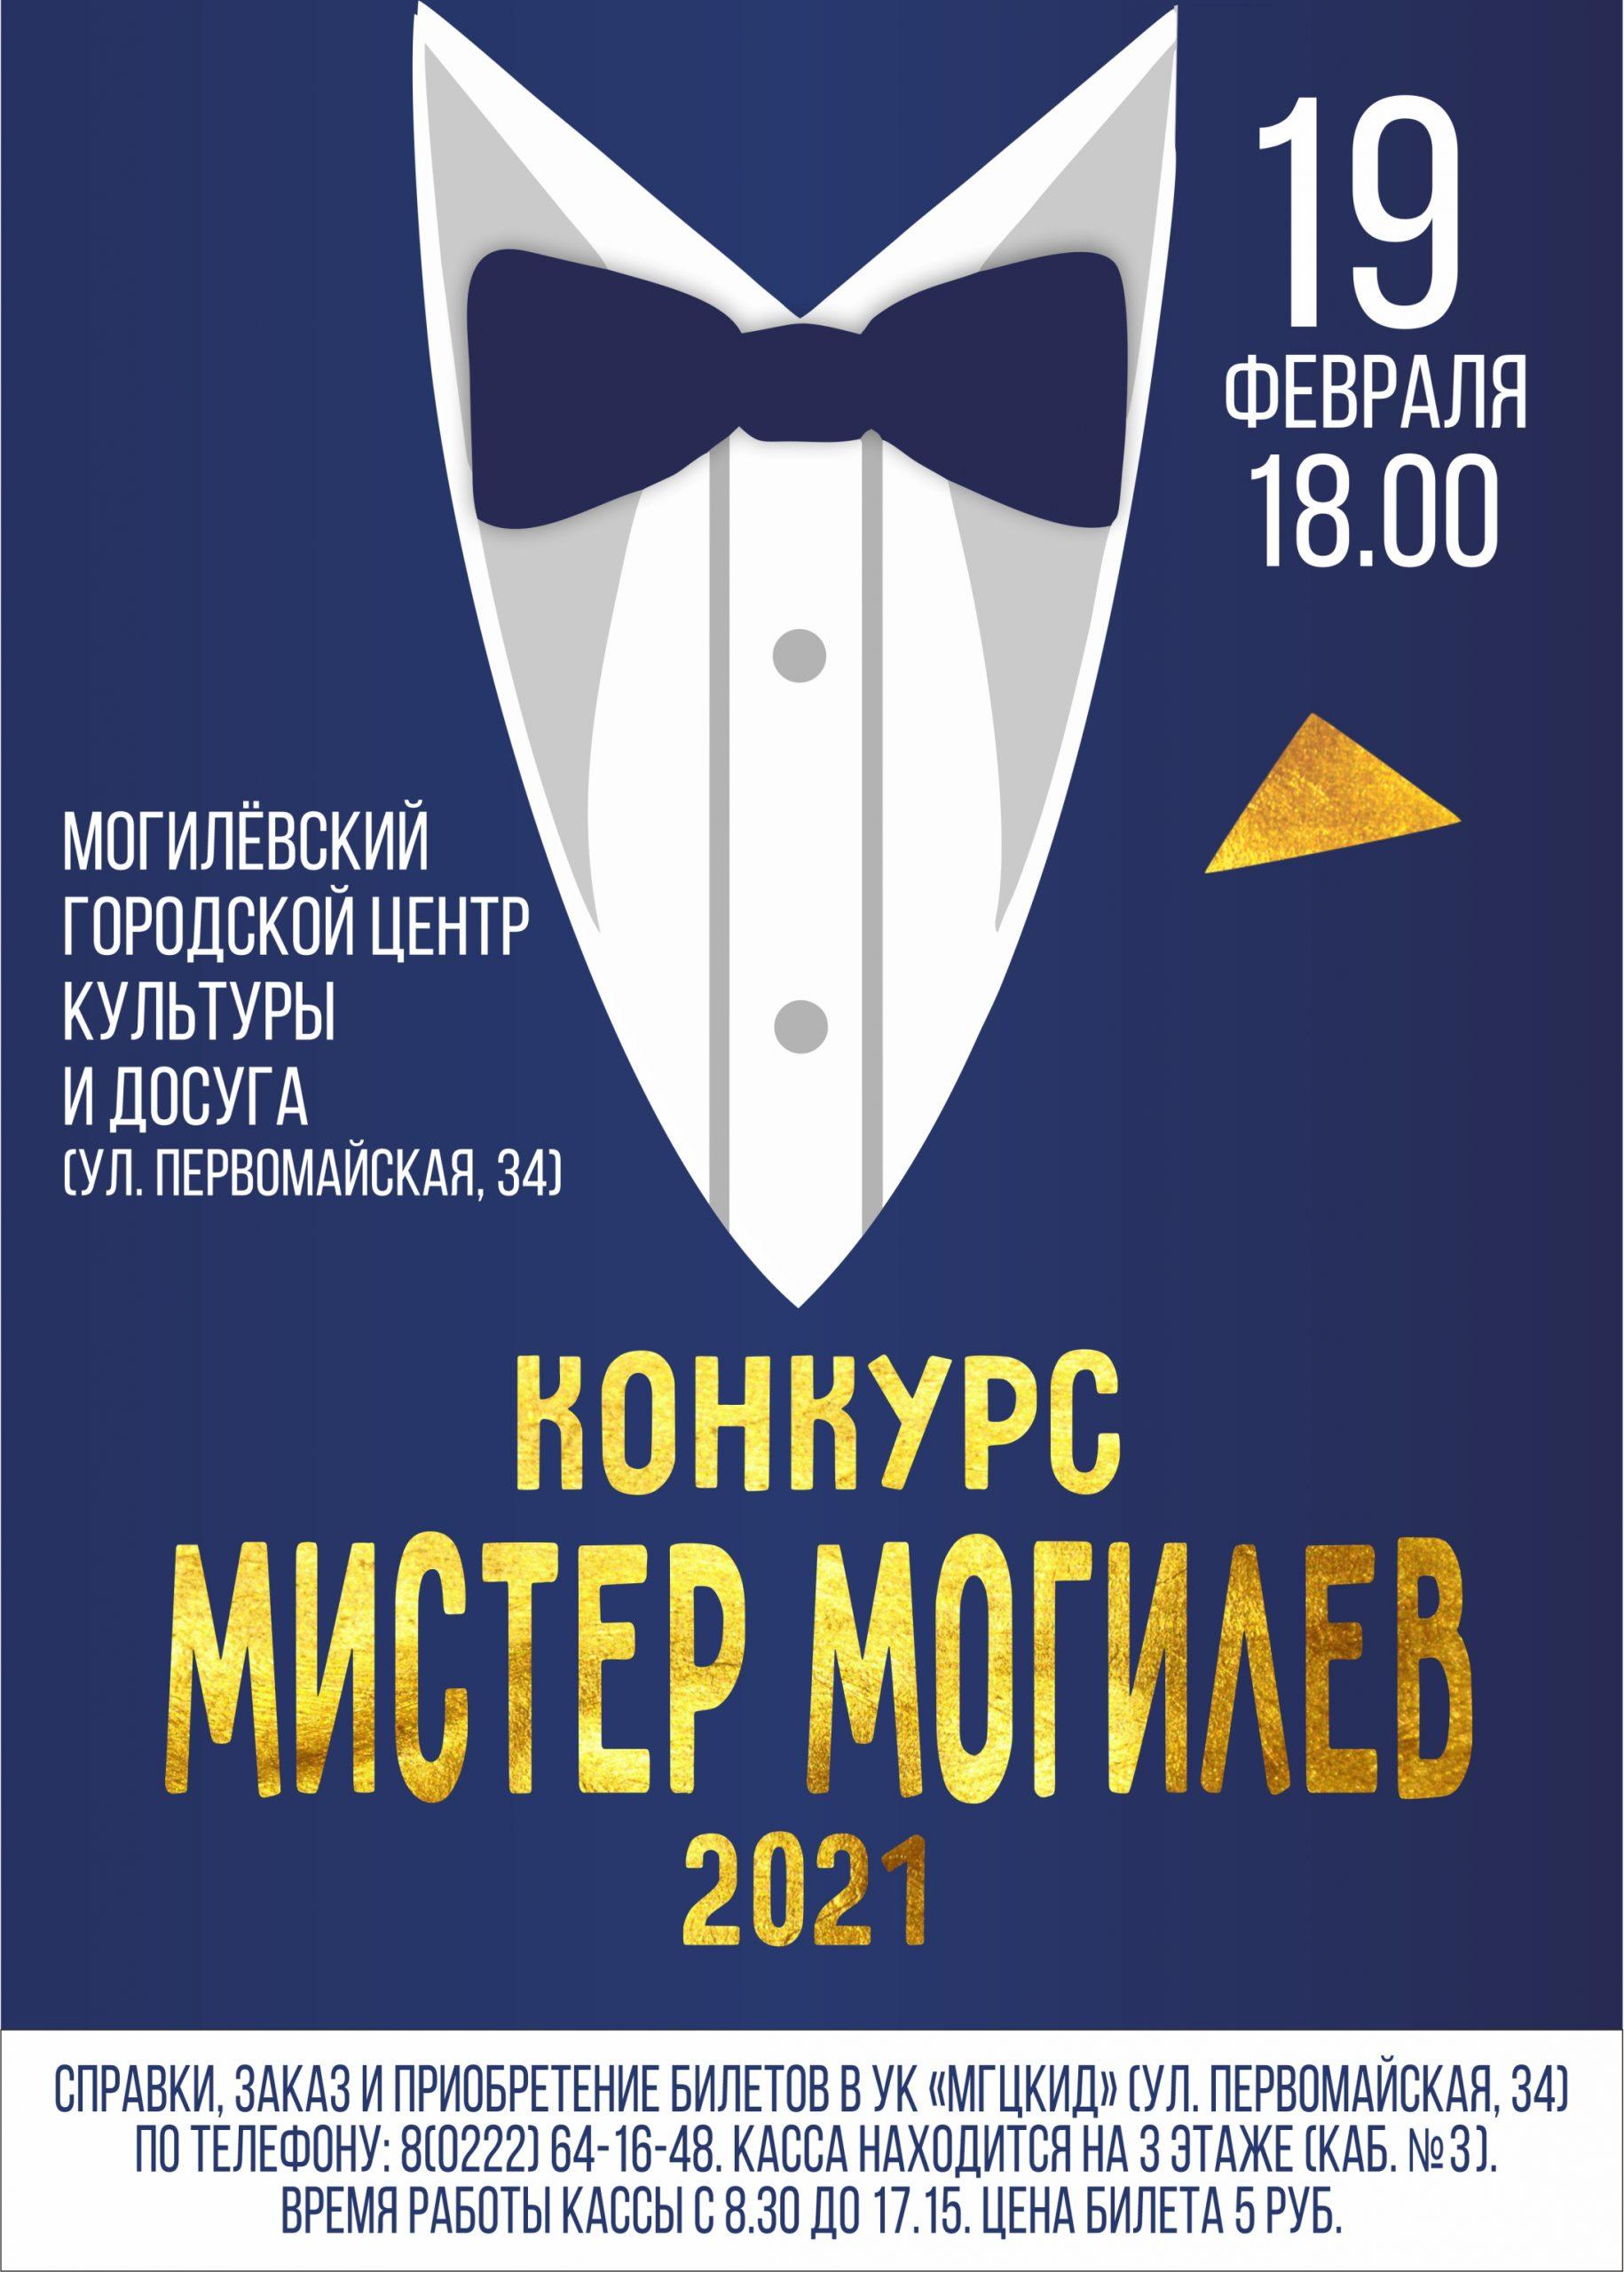 Конкурс «Мистер Могилев-2021» пройдет вобластном центре 19февраля